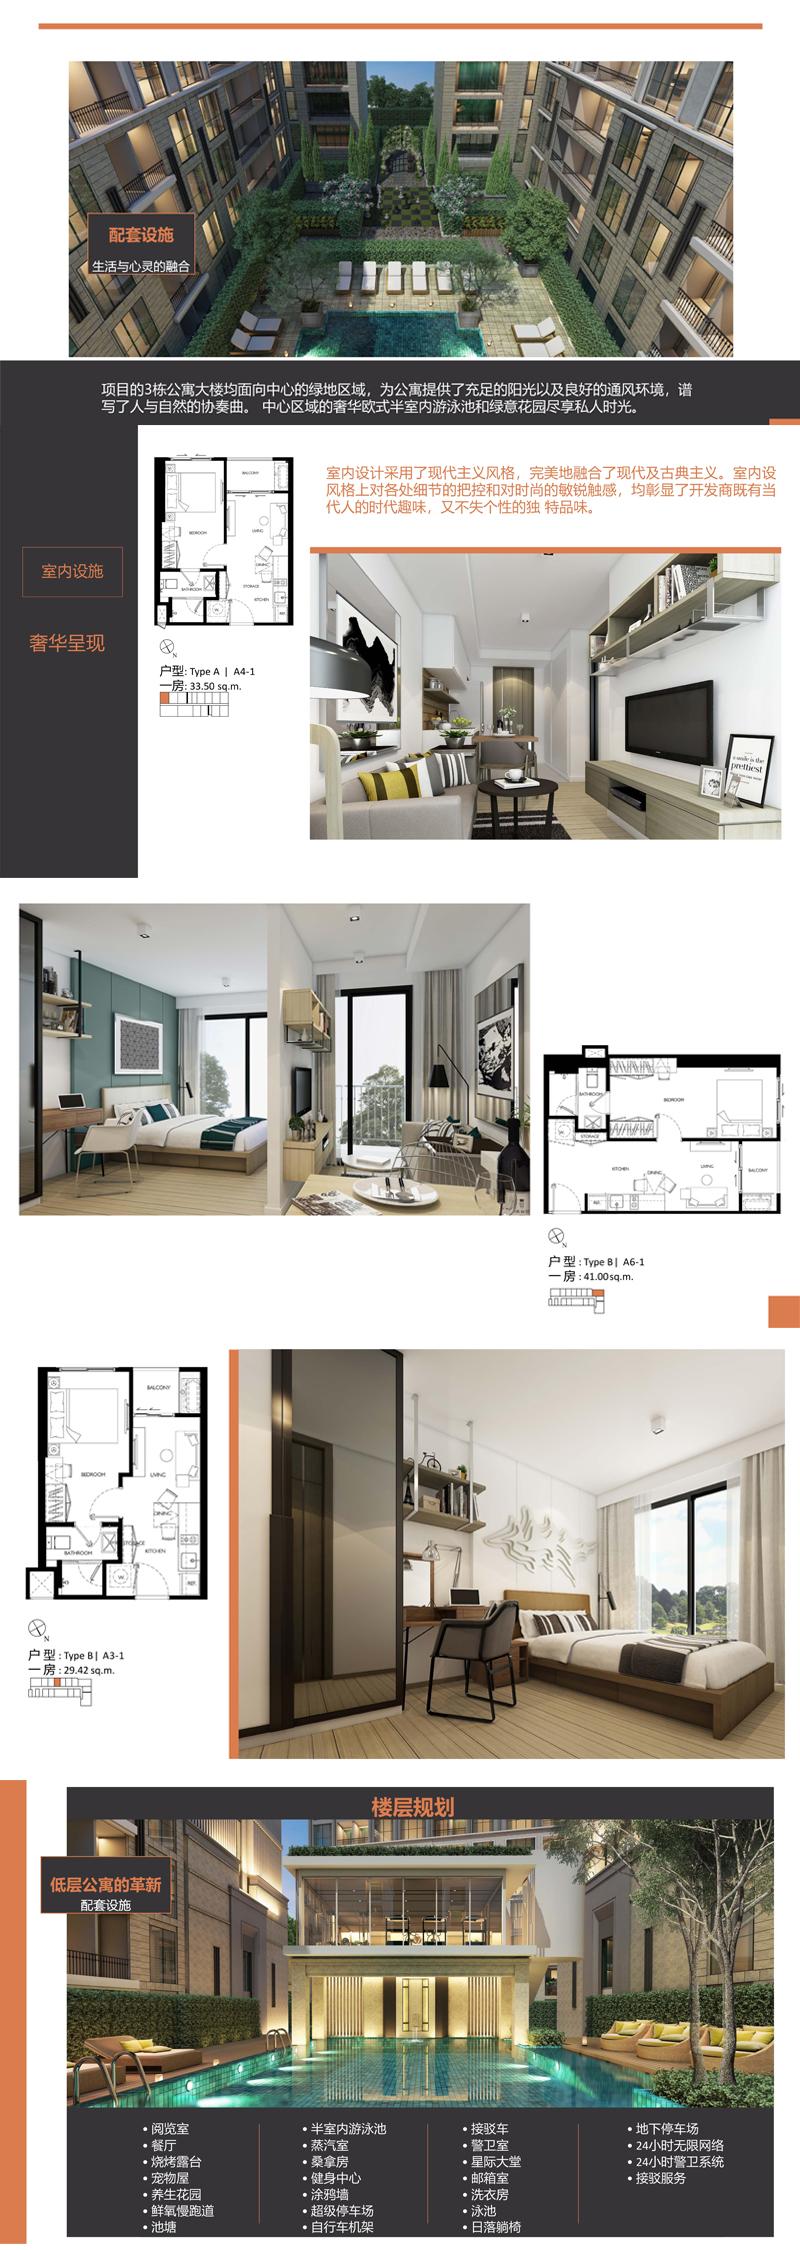 曼谷 | M03国际公寓